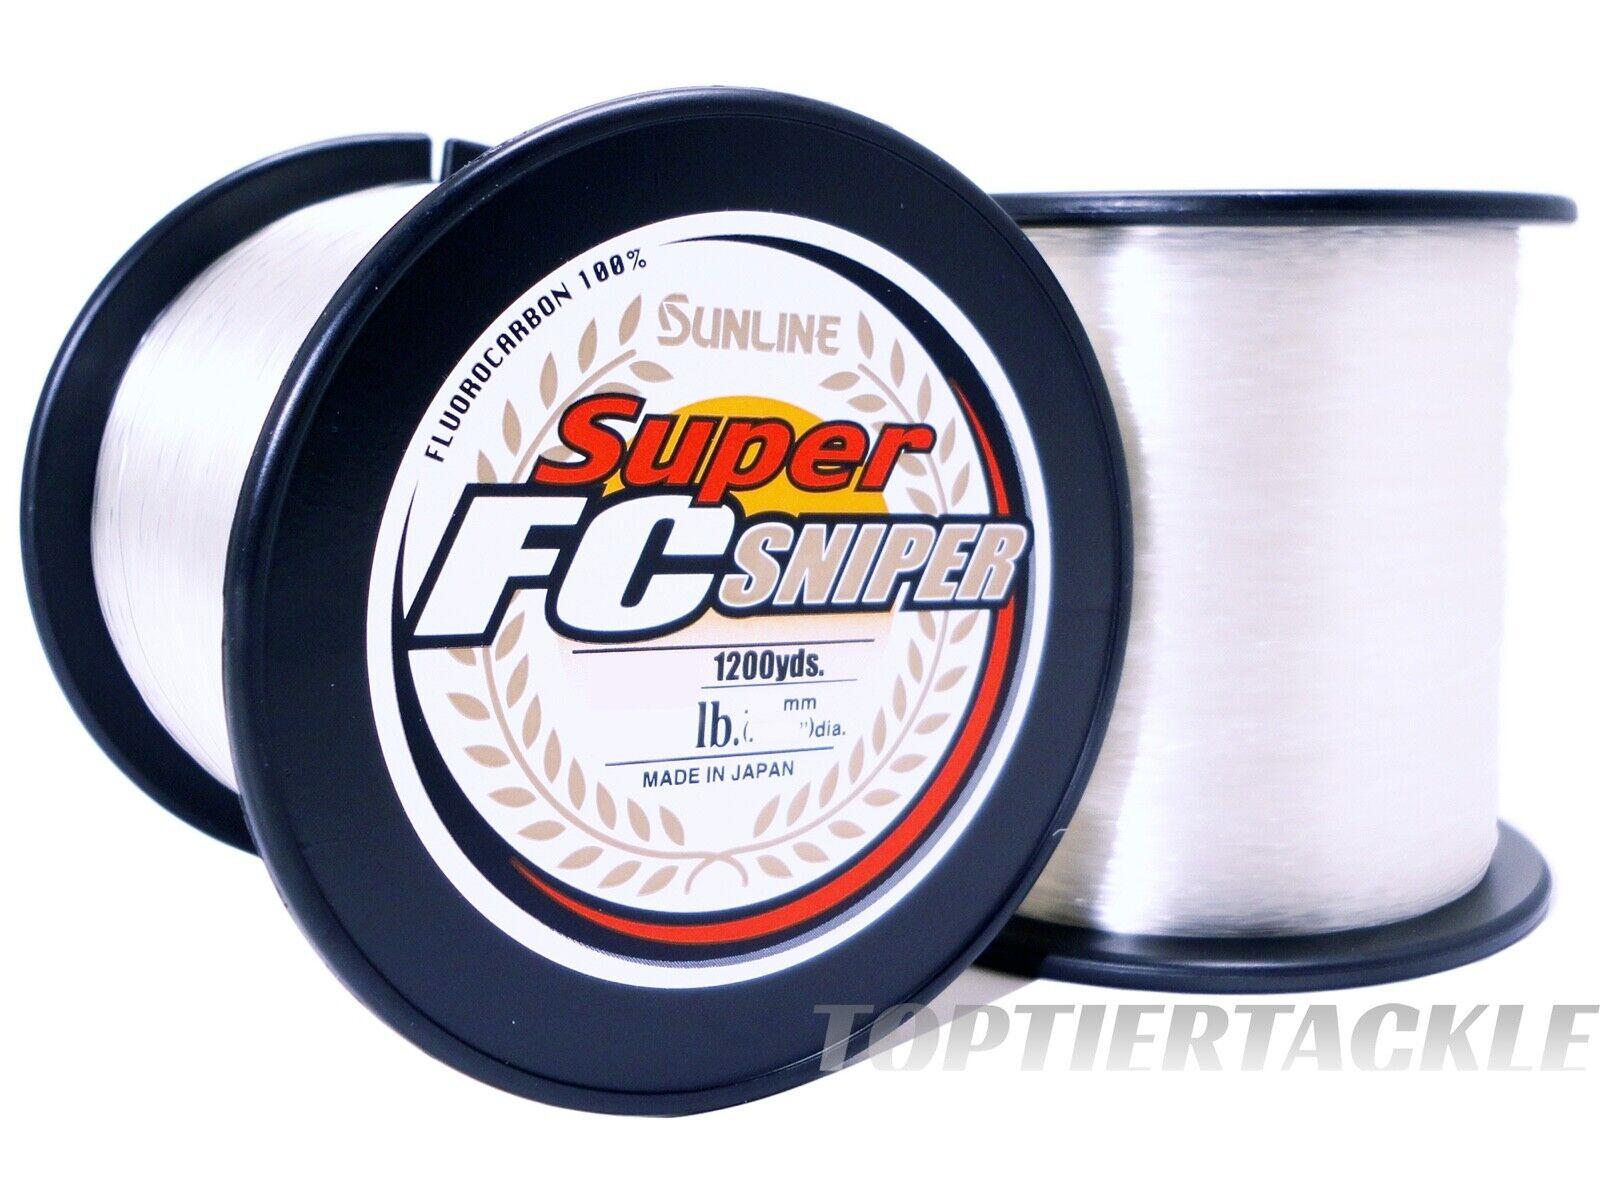 Sunline Super FC Sniper FluGoldcarbon 1200 Yard  Spool - Select Lb. Test